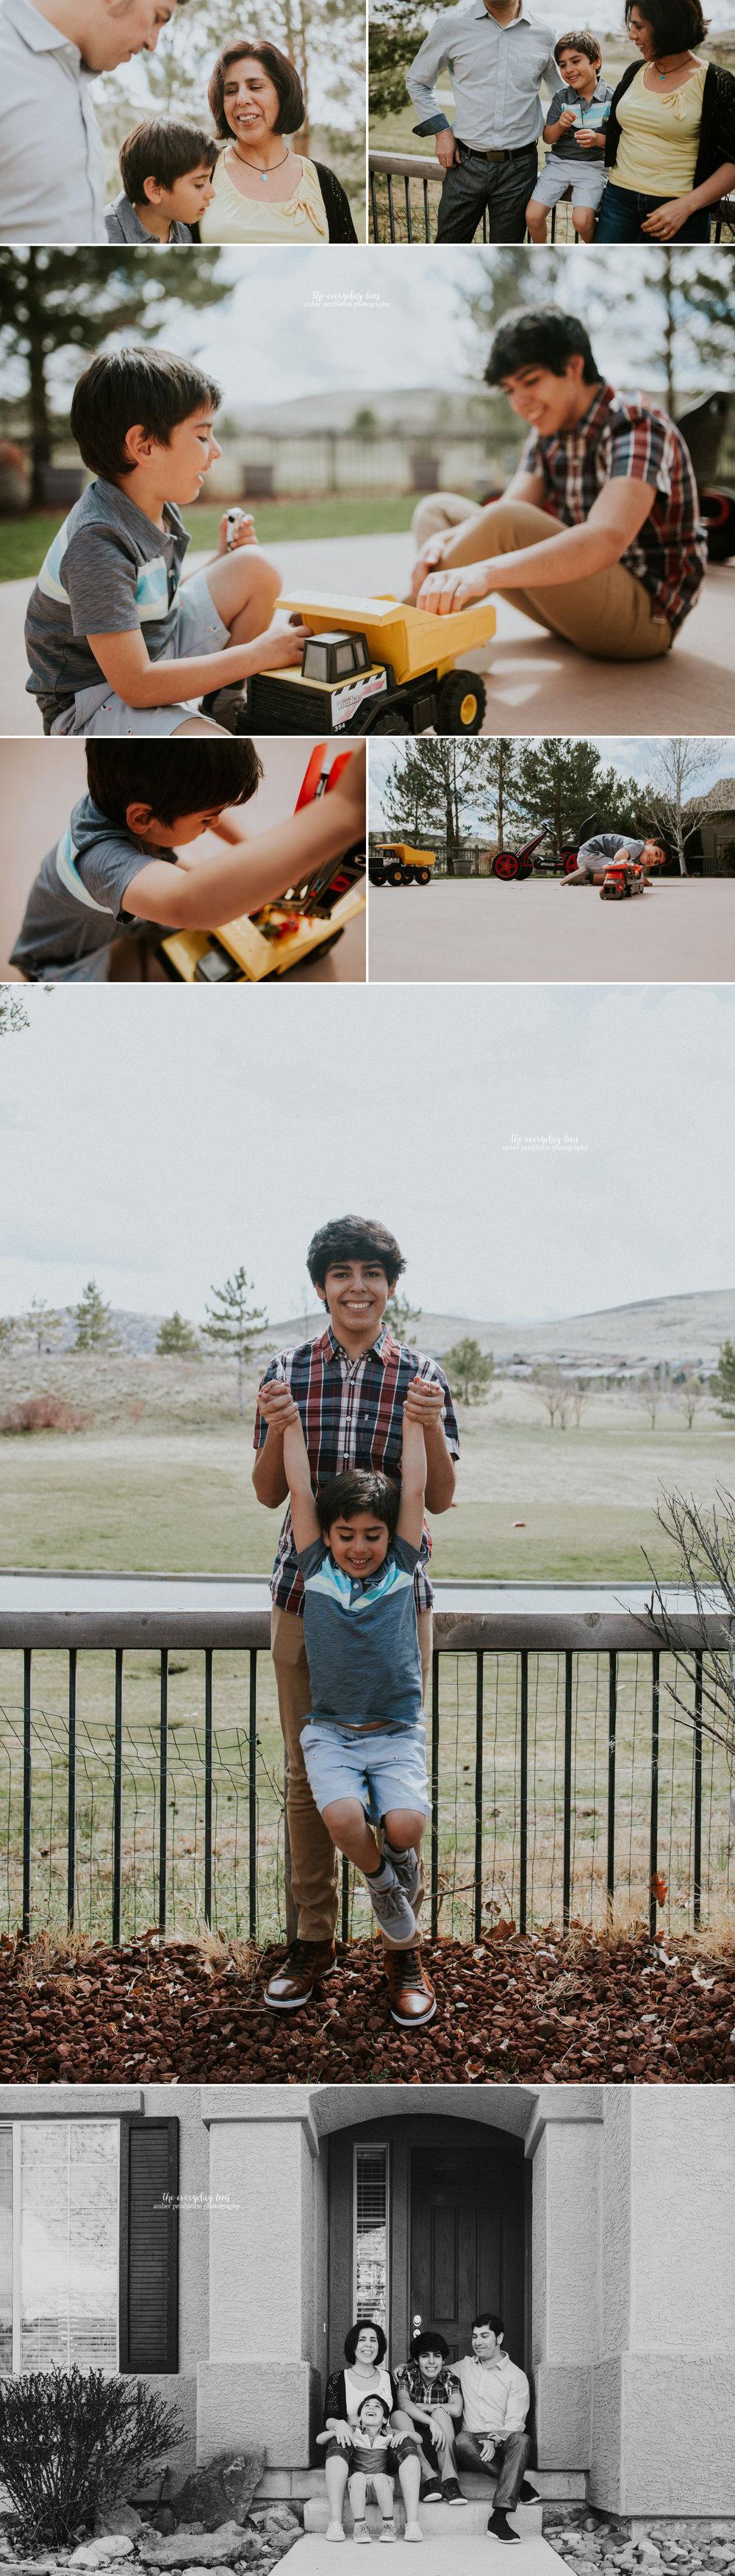 family-photographer-sparks-nv.jpg